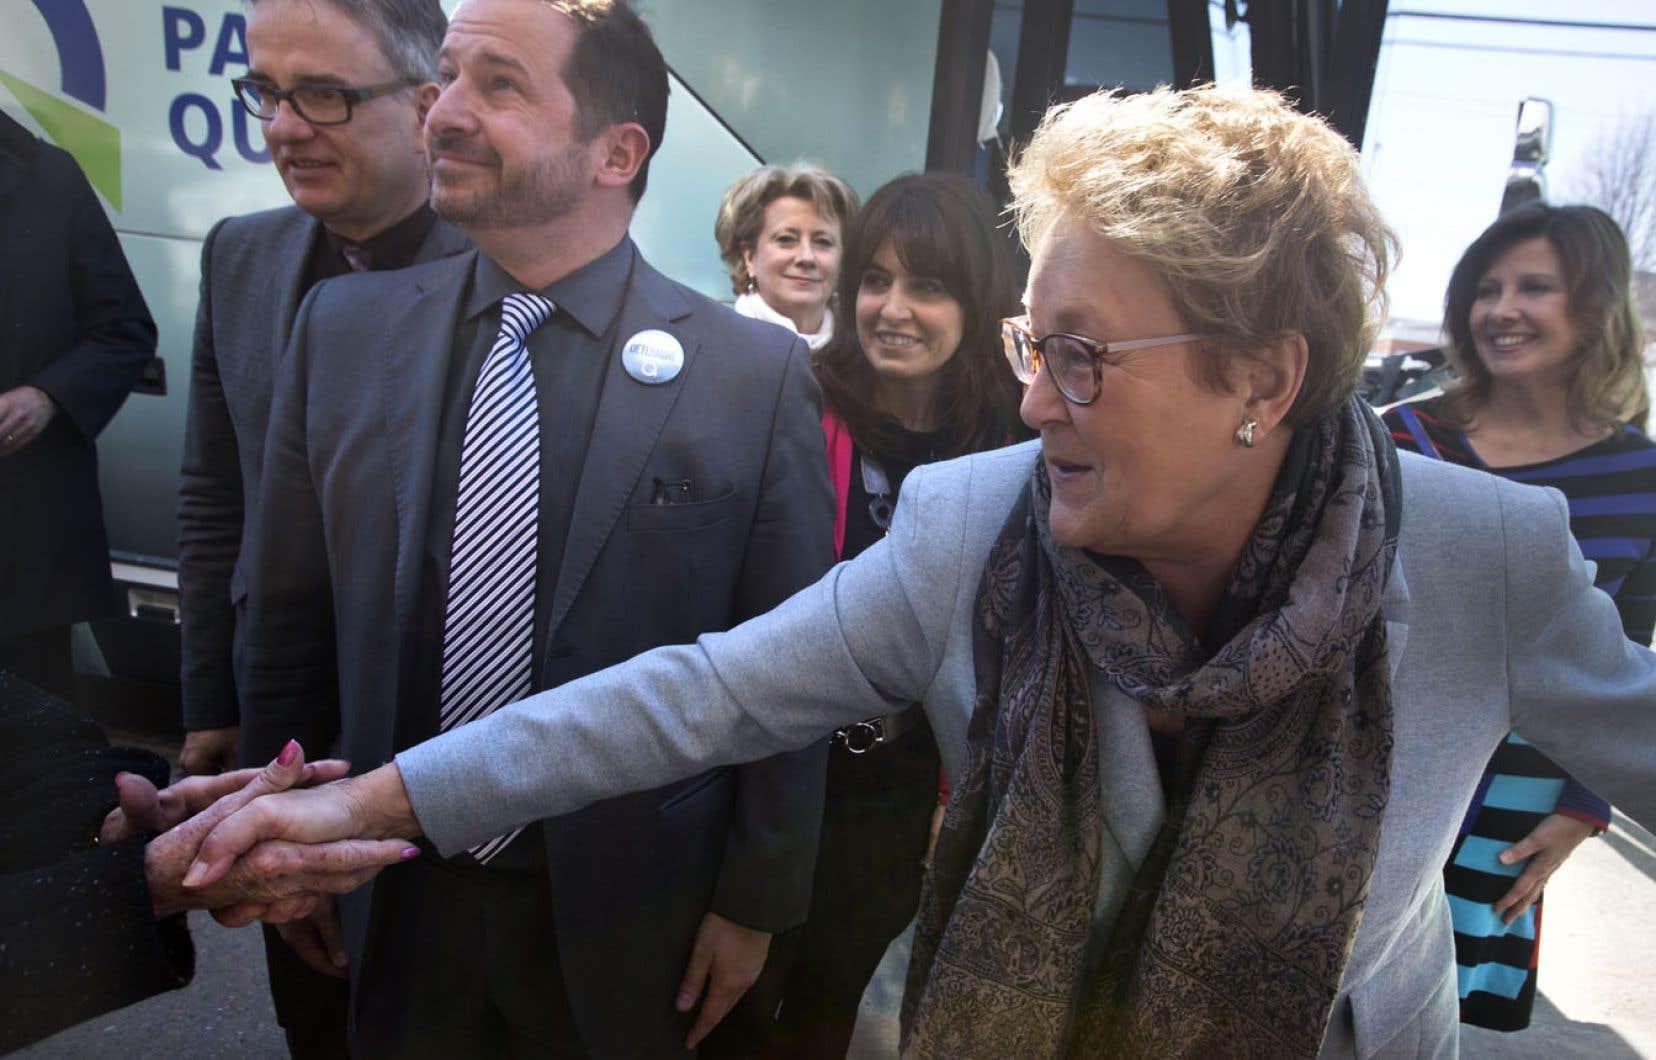 Pauline Marois a nié catégoriquement mardi les informations contenues dans un reportage de Radio-Canada diffusé la veille. Elle a assuré que Claude Blanchet n'avait pas amassé de fonds pour sa campagne à la direction du Parti québécois en 2007.